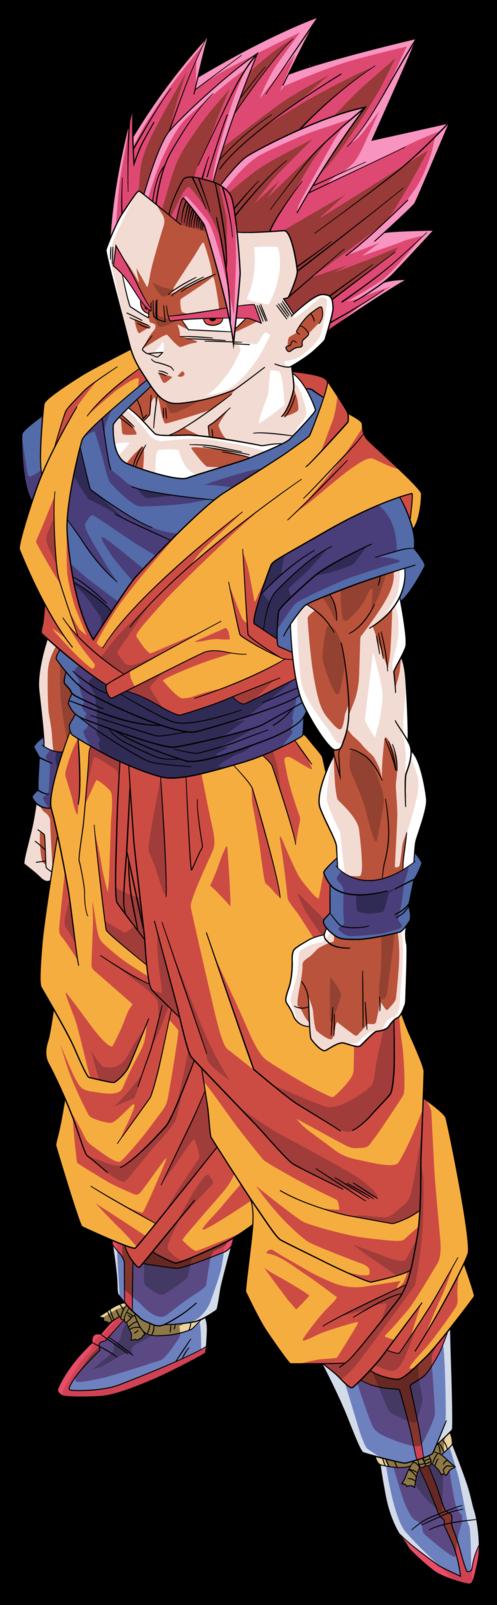 Pin By Pinchi On Dragon Ball Universe Dragon Ball Super Dragon Ball Z Dragon Ball